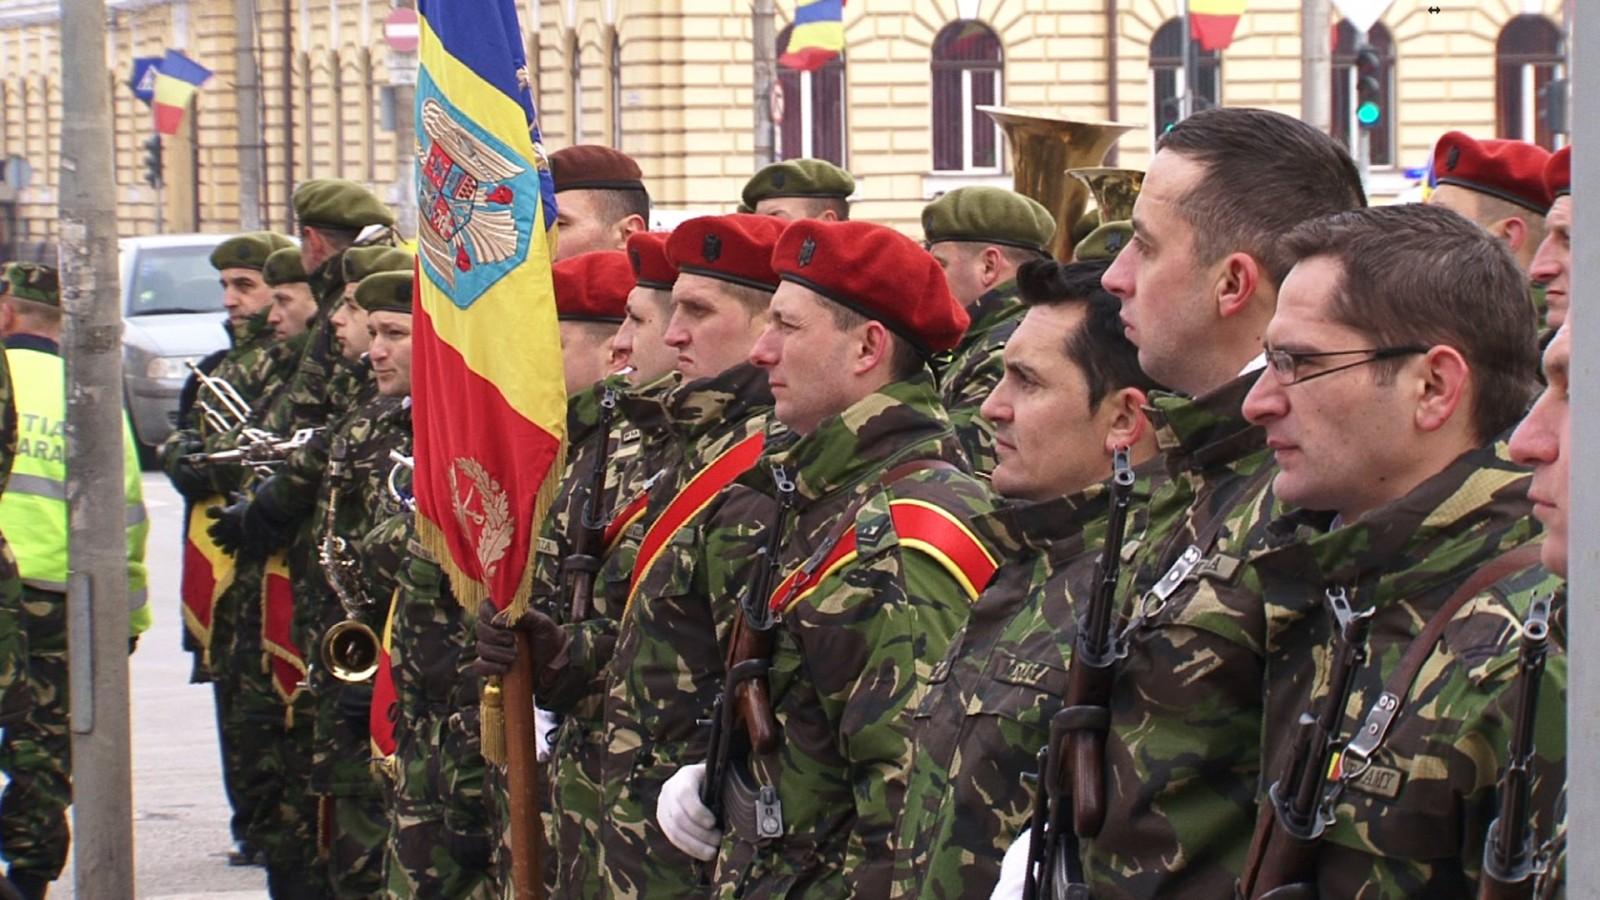 Ample evenimente în județul Cluj, la 157 de ani de la Unirea Principatelor Române